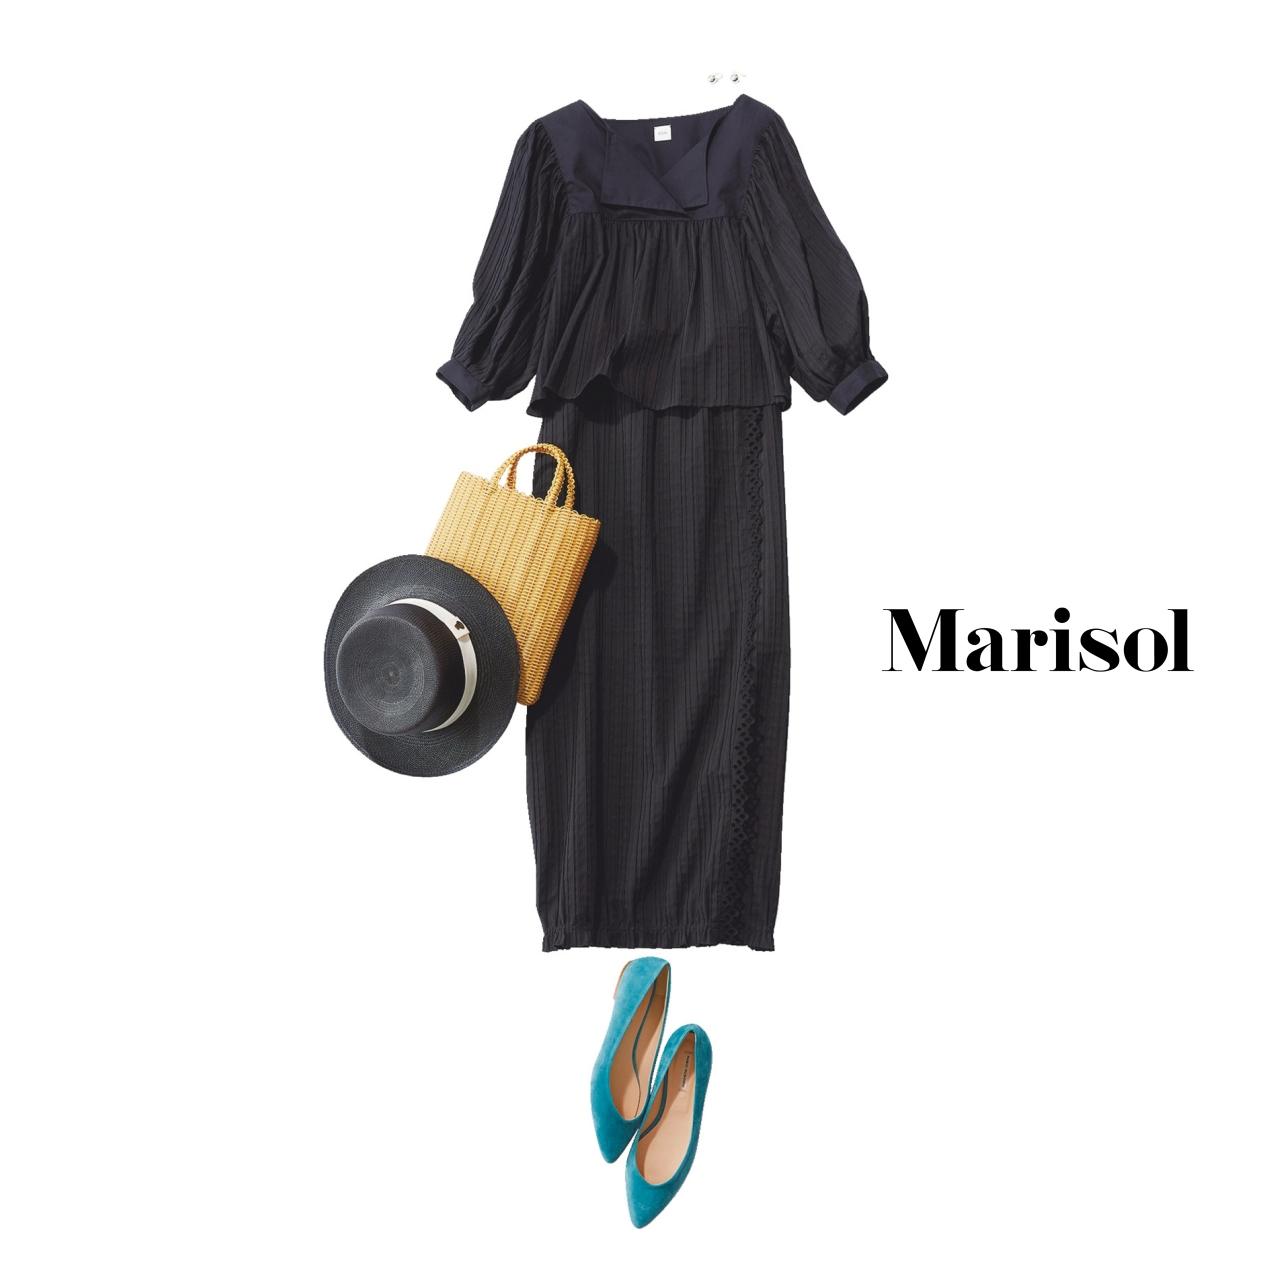 40代ファッション 甘ディテールの黒セットアップコーデ